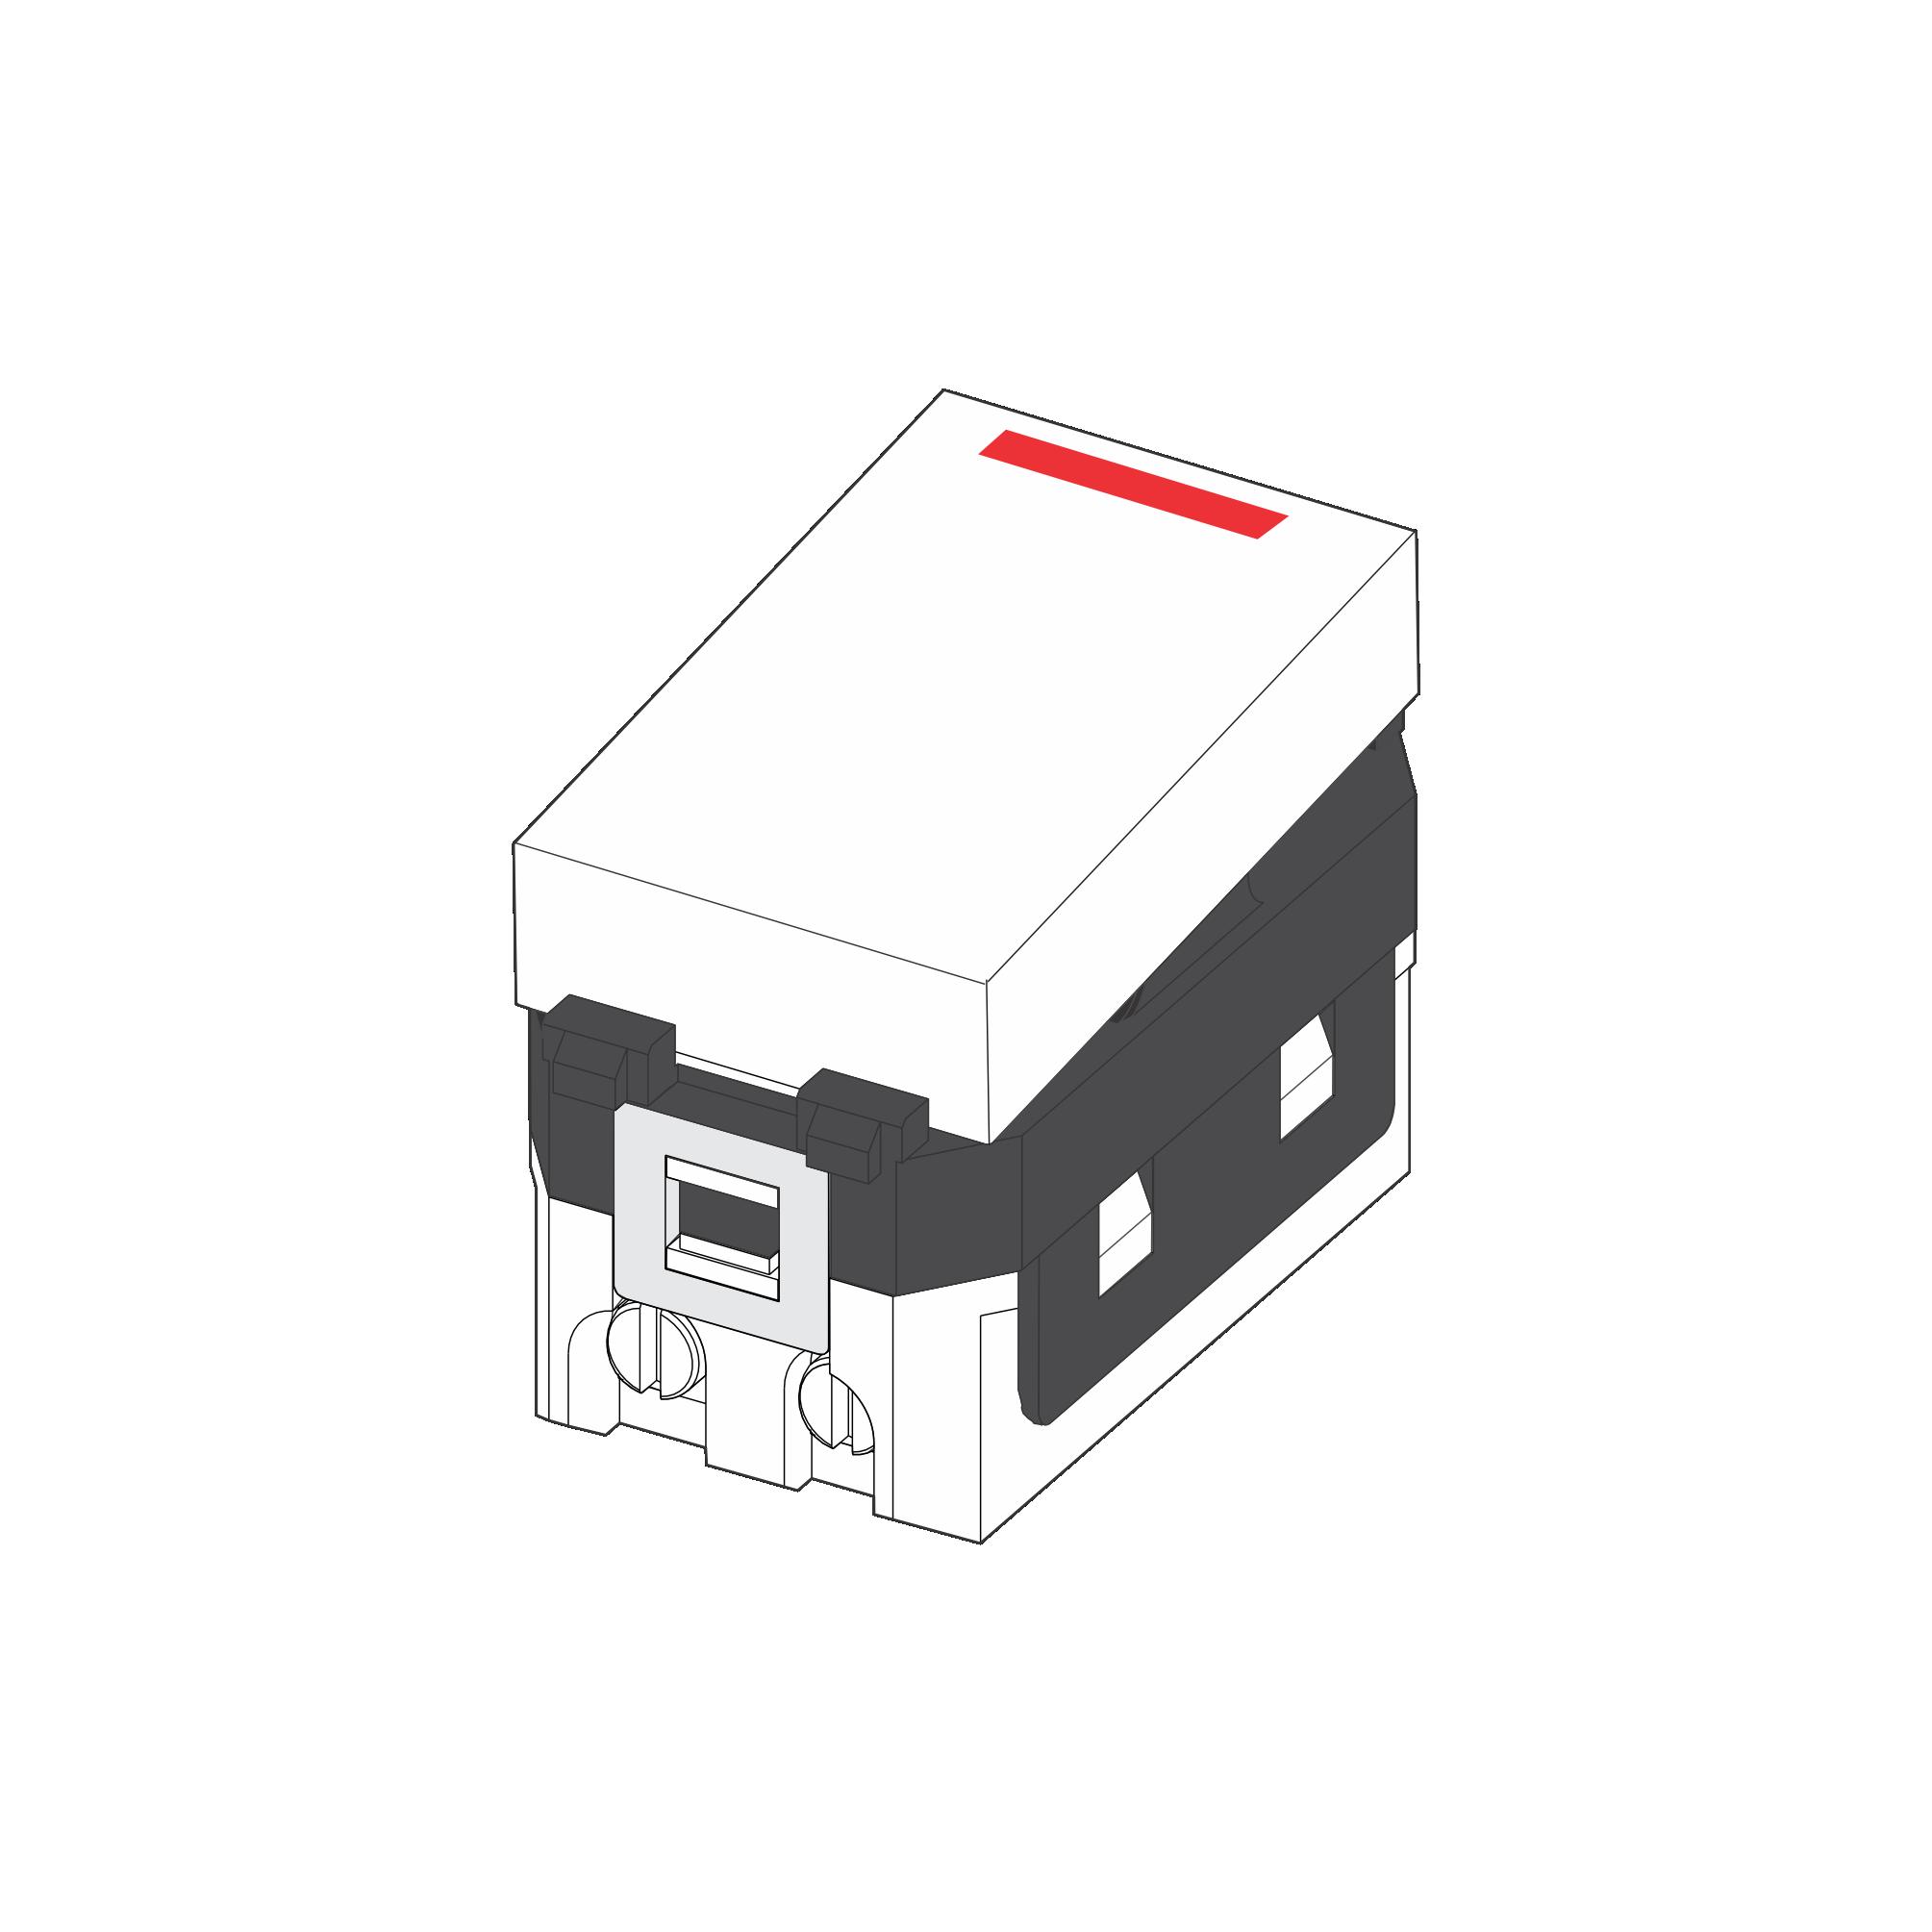 Công tắc 2 chiều cỡ nhỏ có đèn báo 16A S18HM/NS - S18HM/CN/NS